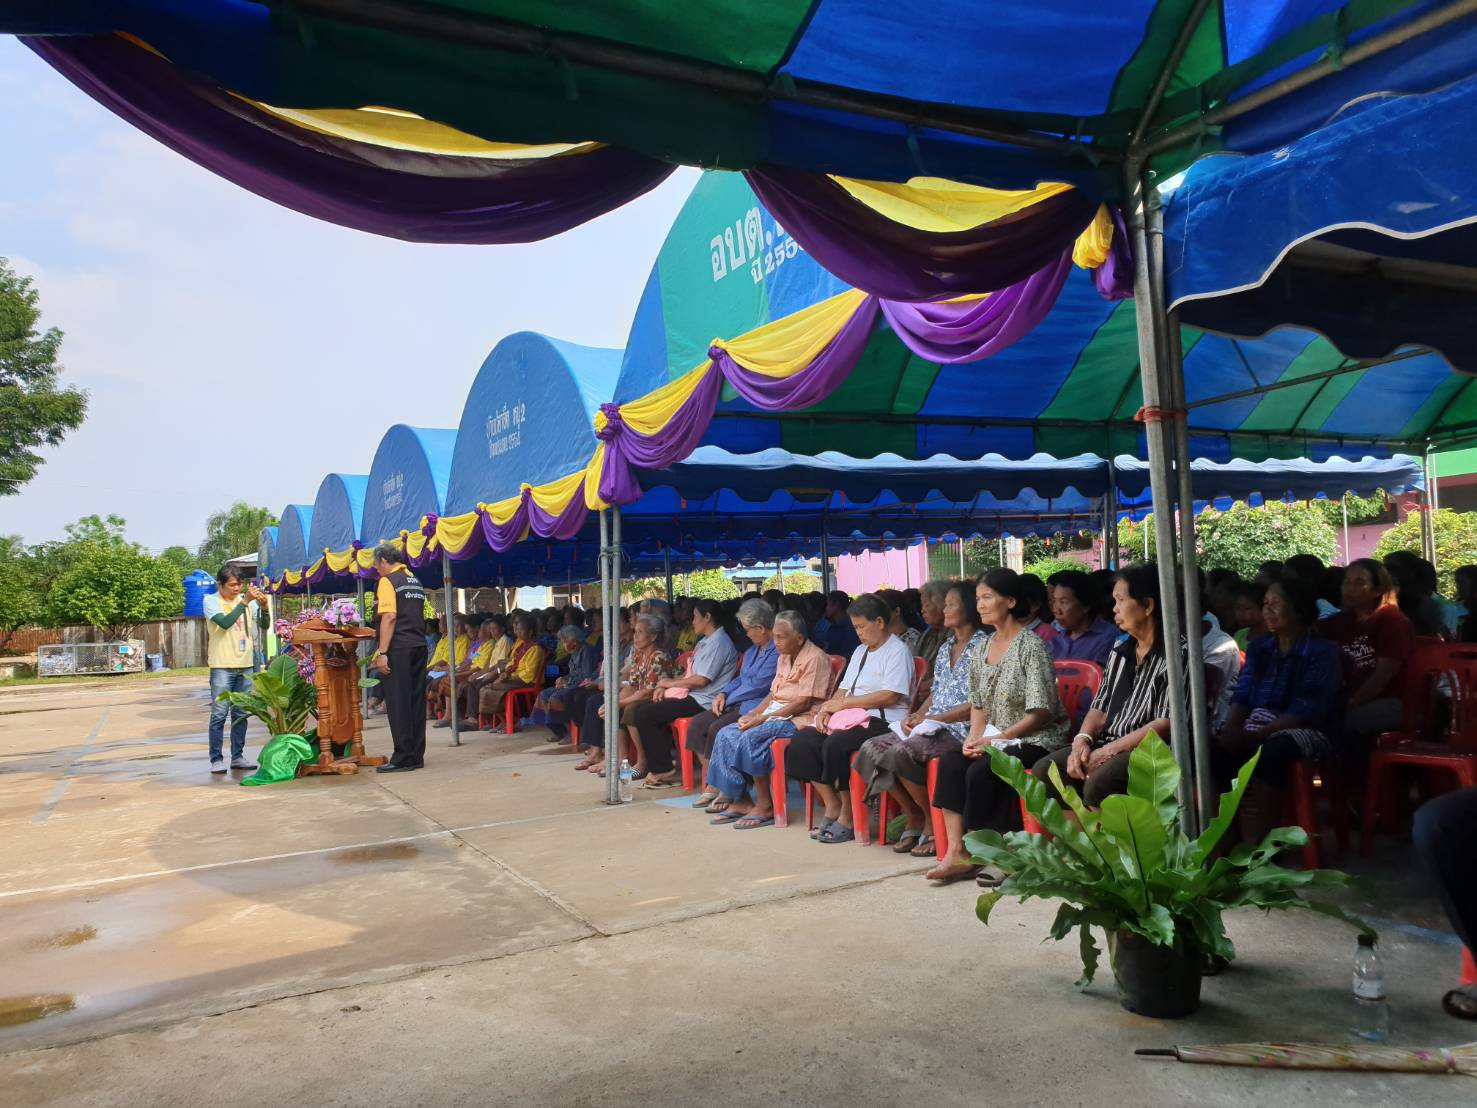 ไฟล์แนบ กปภ.ข.8 และ กปภ.สาขา พื้นที่จังหวัดยโสธร ร่วมให้การต้อนรับ นายทรงศักดิ์ ทองศรี รัฐมนตรีช่วยว่าการกระทรวงมหาดไทย ลงพื้นที่ตรวจเยี่ยมสถานการณ์อุทกภัย